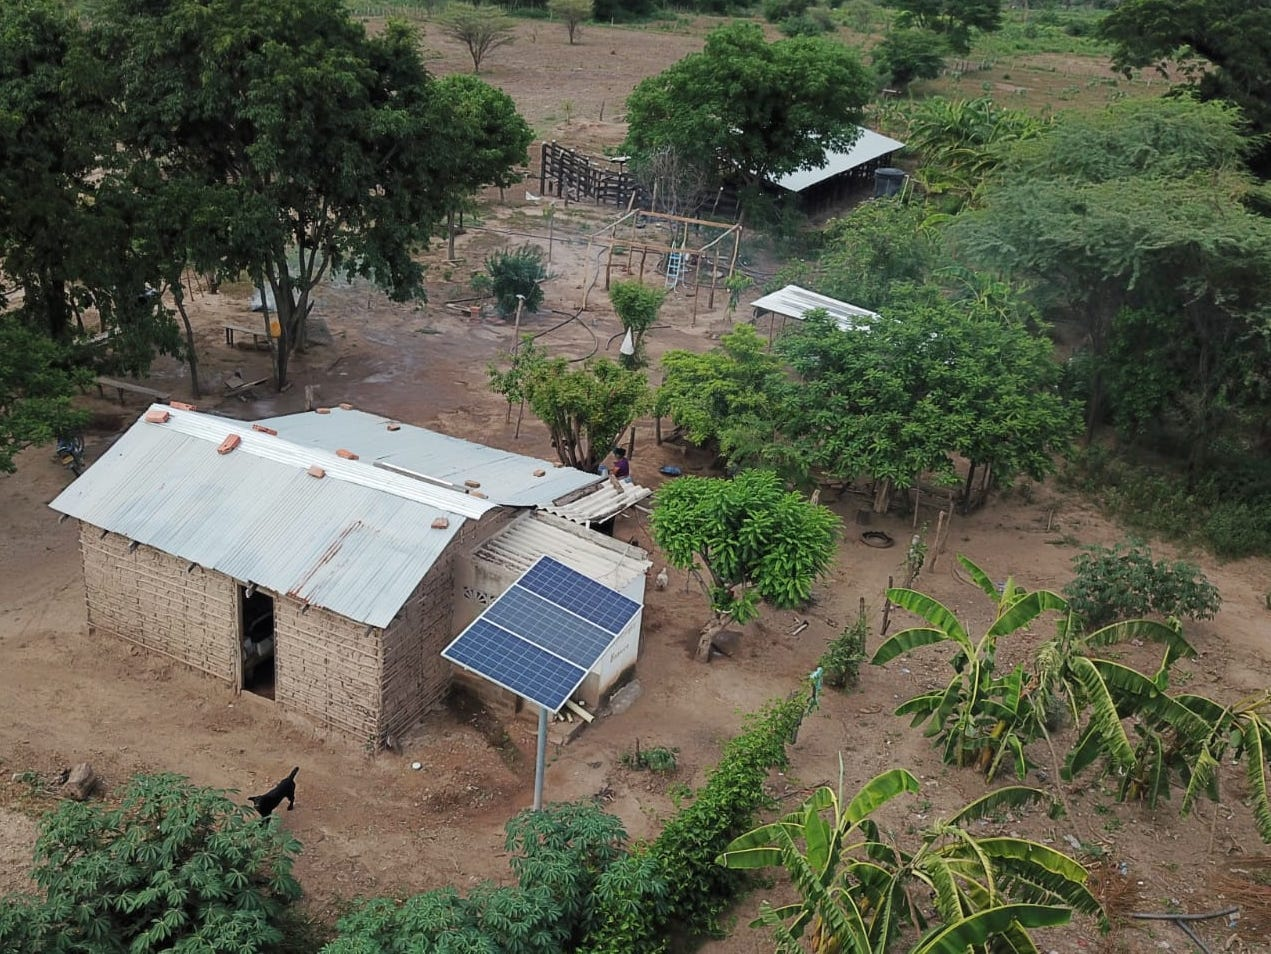 Vista de un panel solar en una vivienda beneficiada.